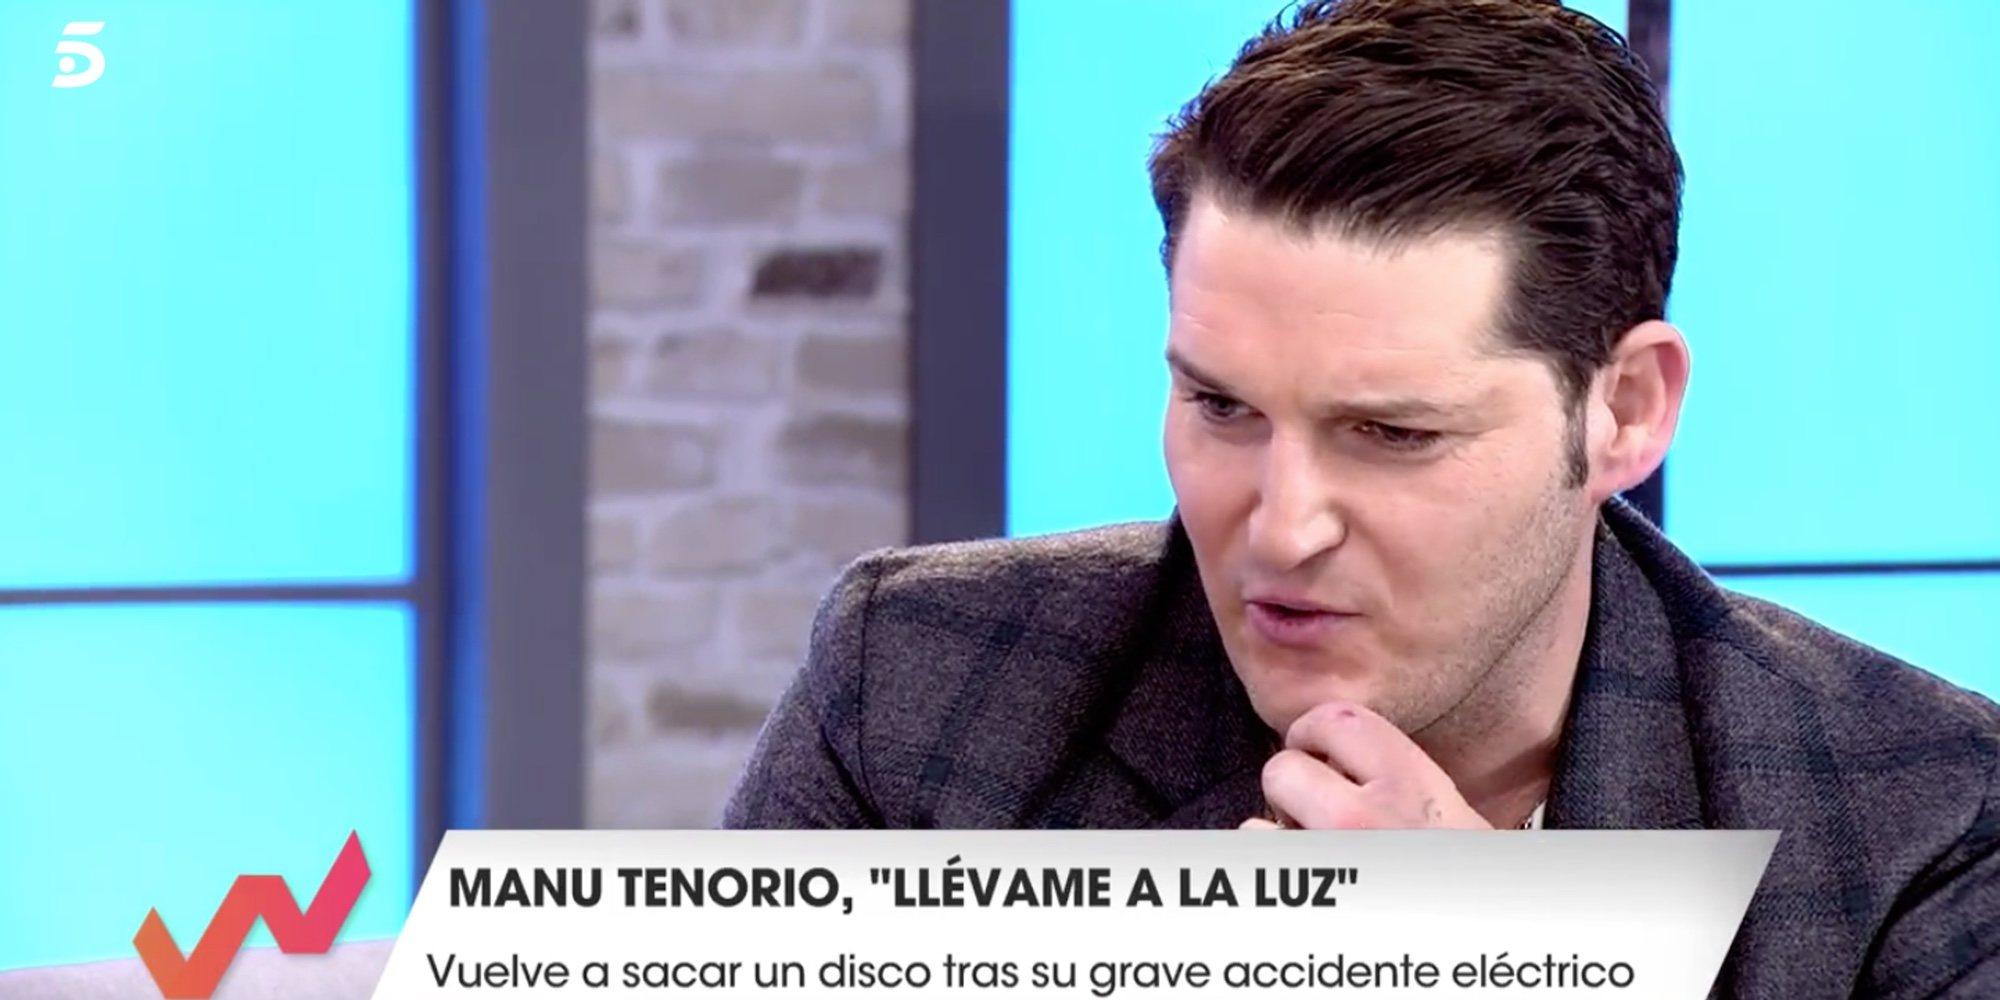 """Manu Tenorio cuenta las secuelas de su accidente doméstico: """"El brazo izquierdo  está tardando en cicatrizar"""""""